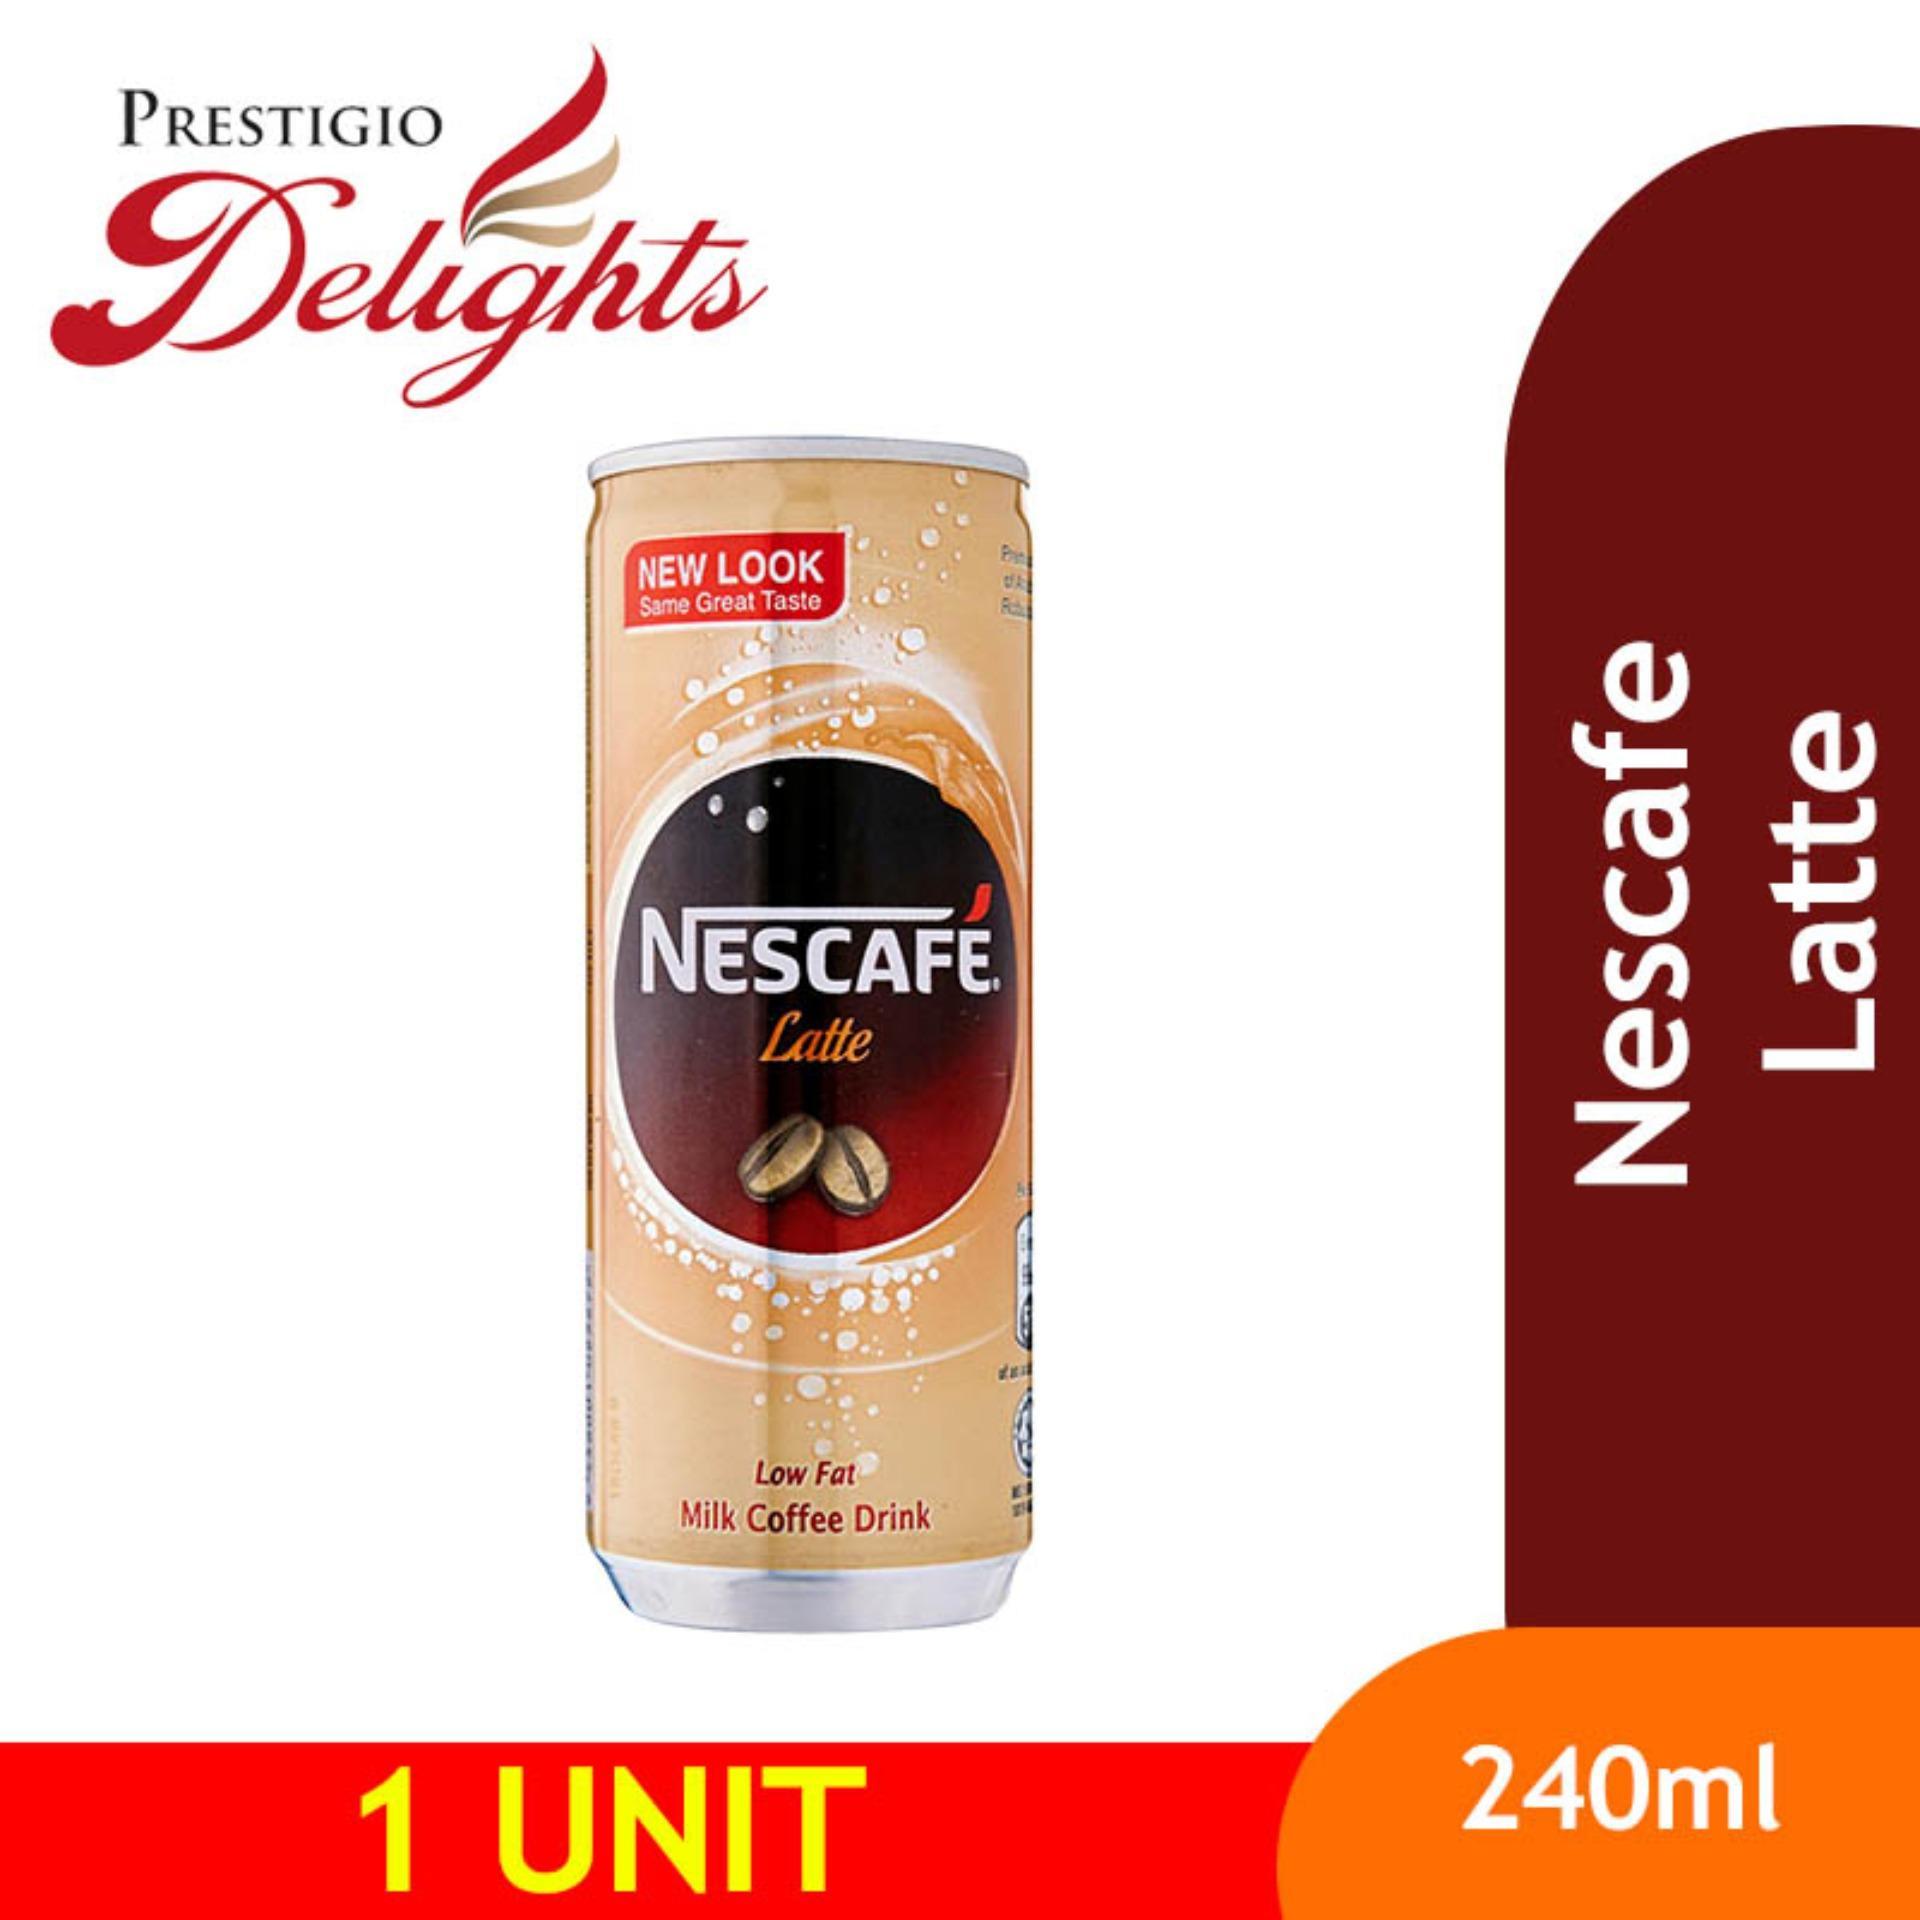 Nescafe Latte 240ml By Prestigio Delights.